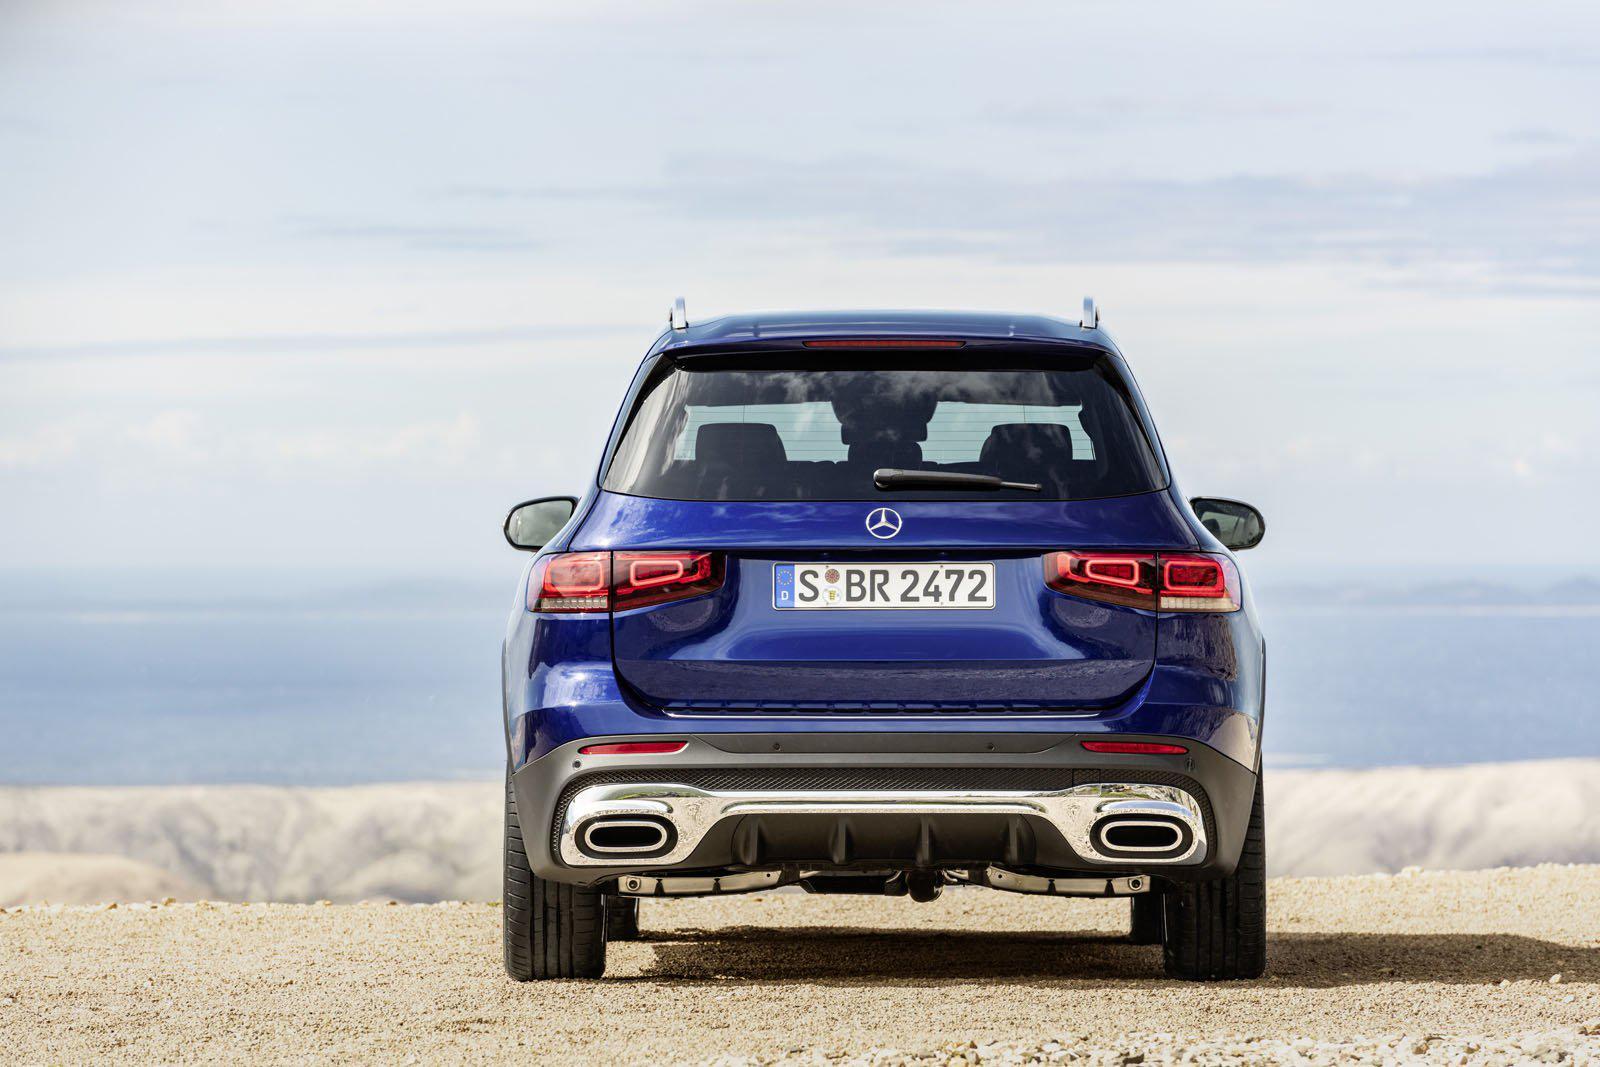 Ngắm trước Mercedes GLB sắp ra mắt với lựa chọn 7 chỗ Ảnh 12